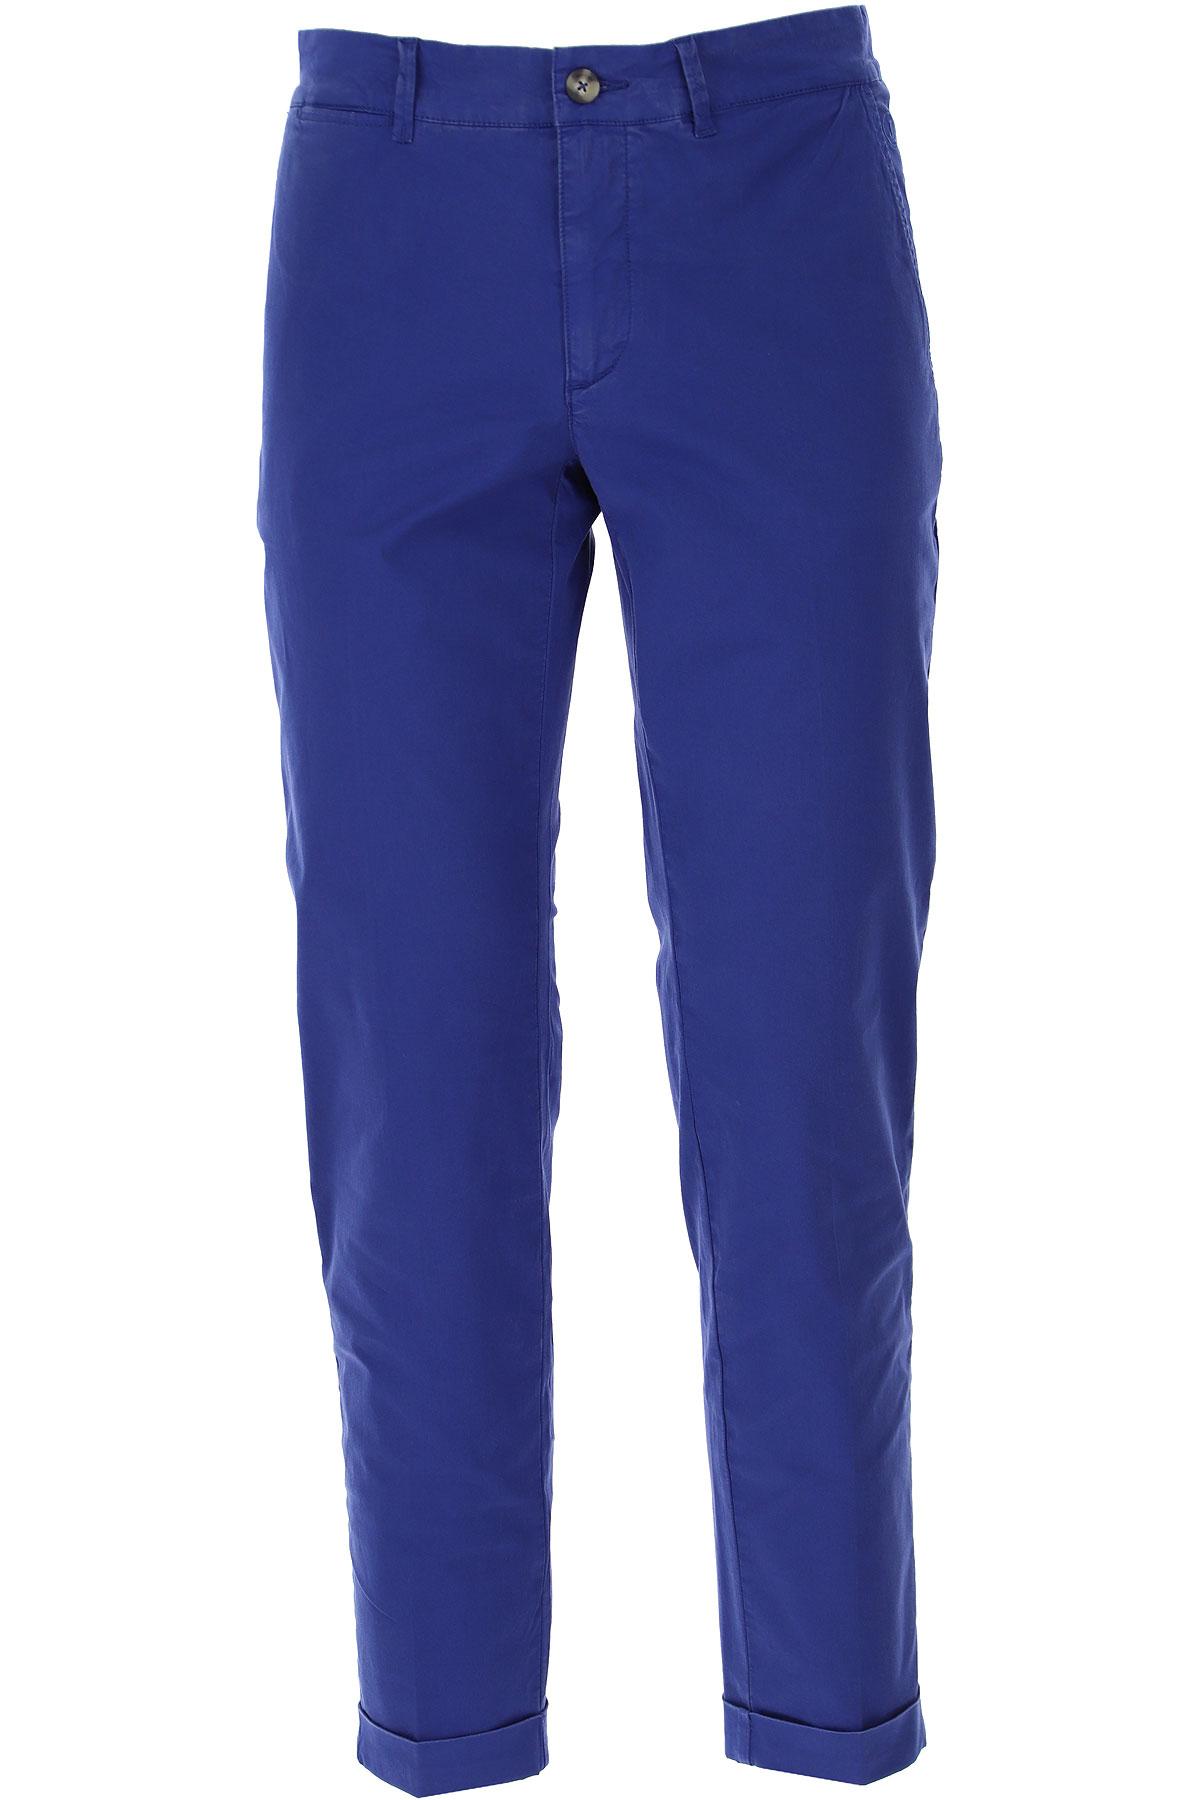 Jeckerson Pants for Men On Sale, Universe Blue, Cotton, 2019, 29 30 31 32 34 35 36 38 40